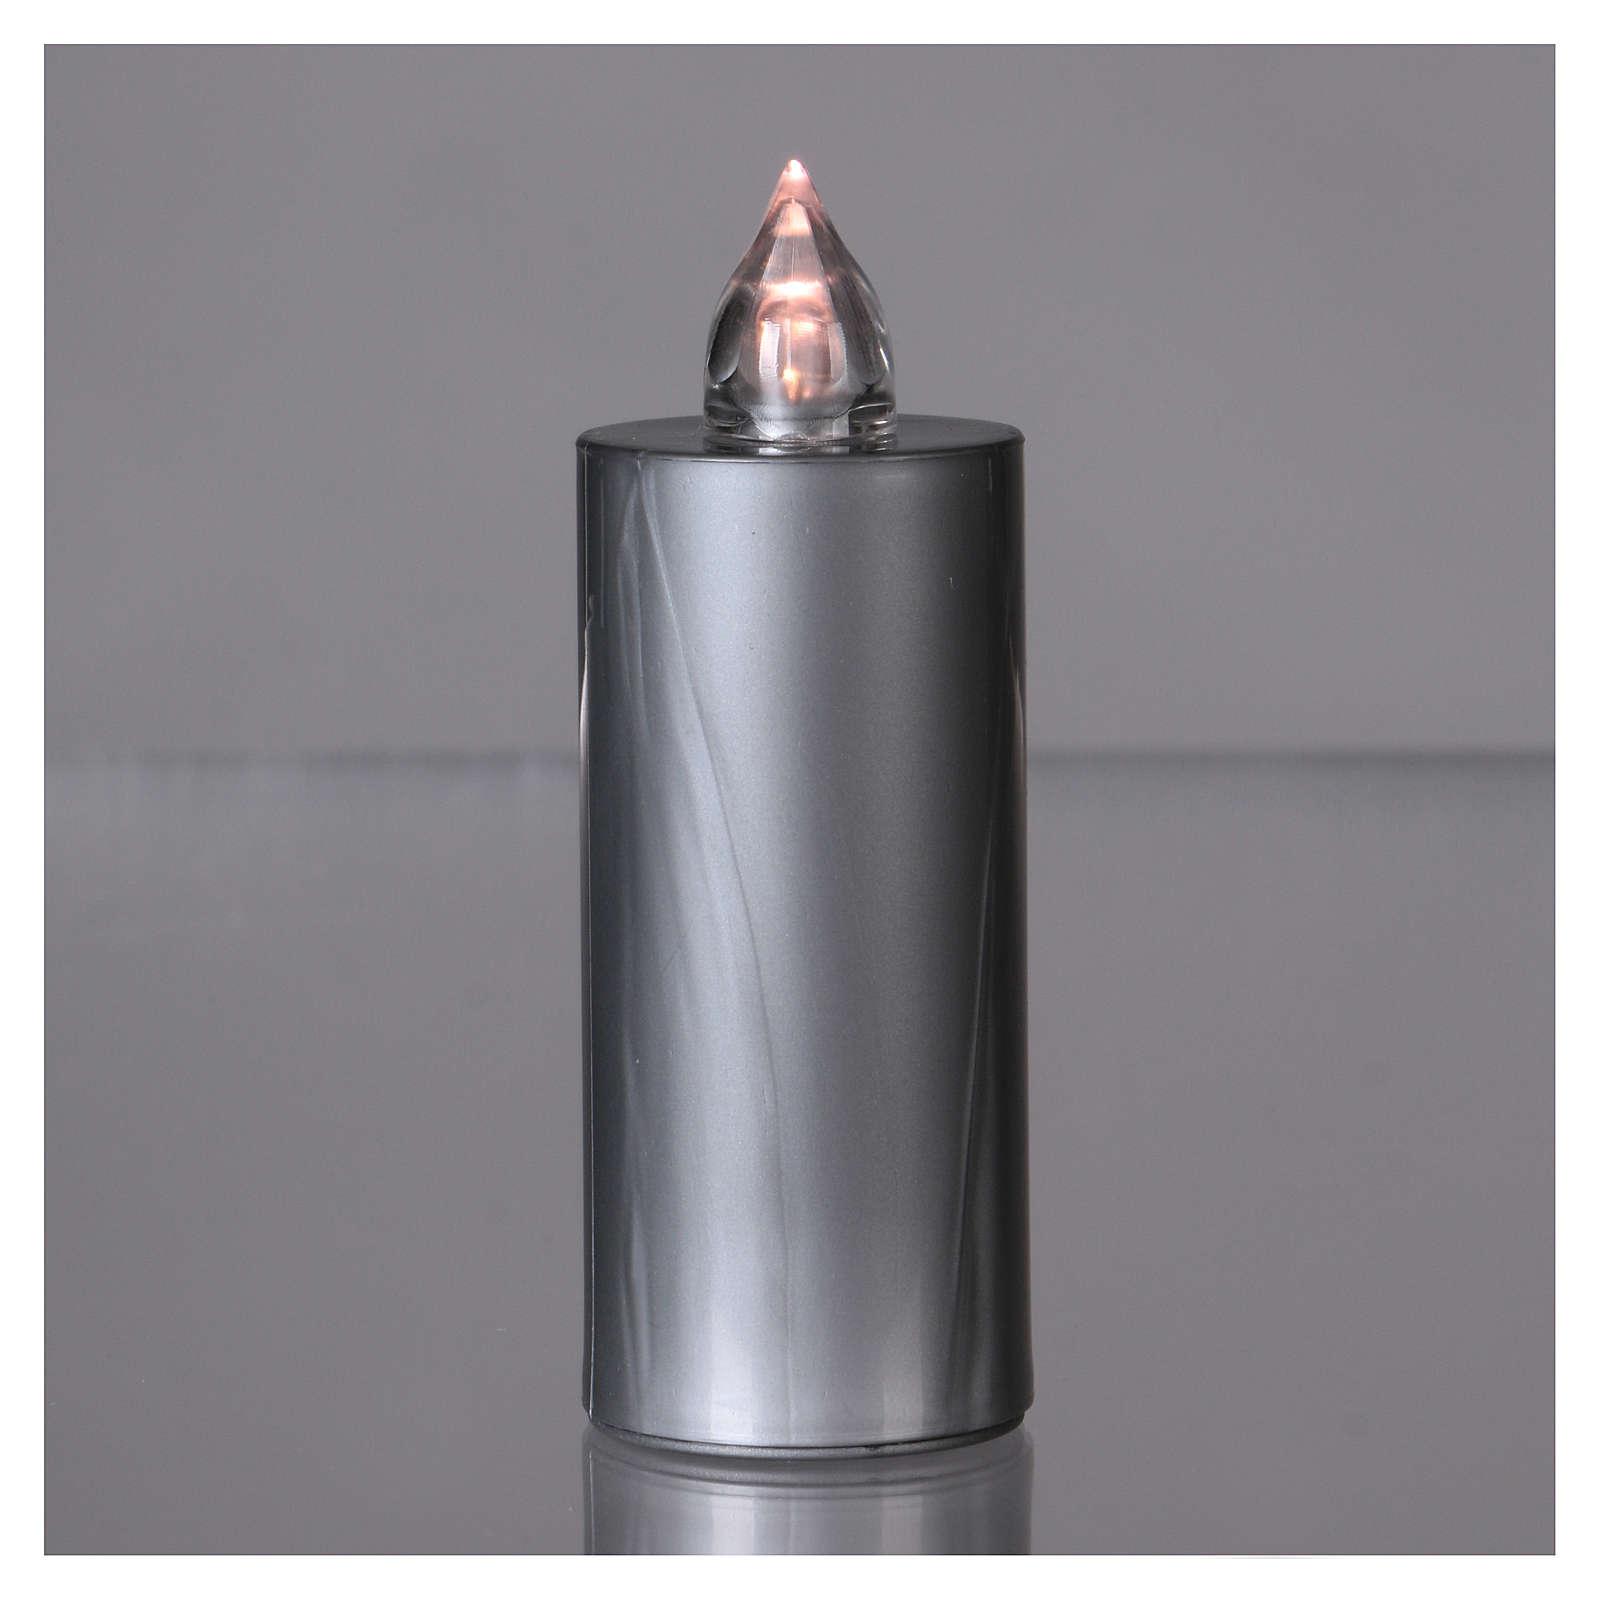 Lumino Lumada luce intermittente bianca usa e getta argento  3